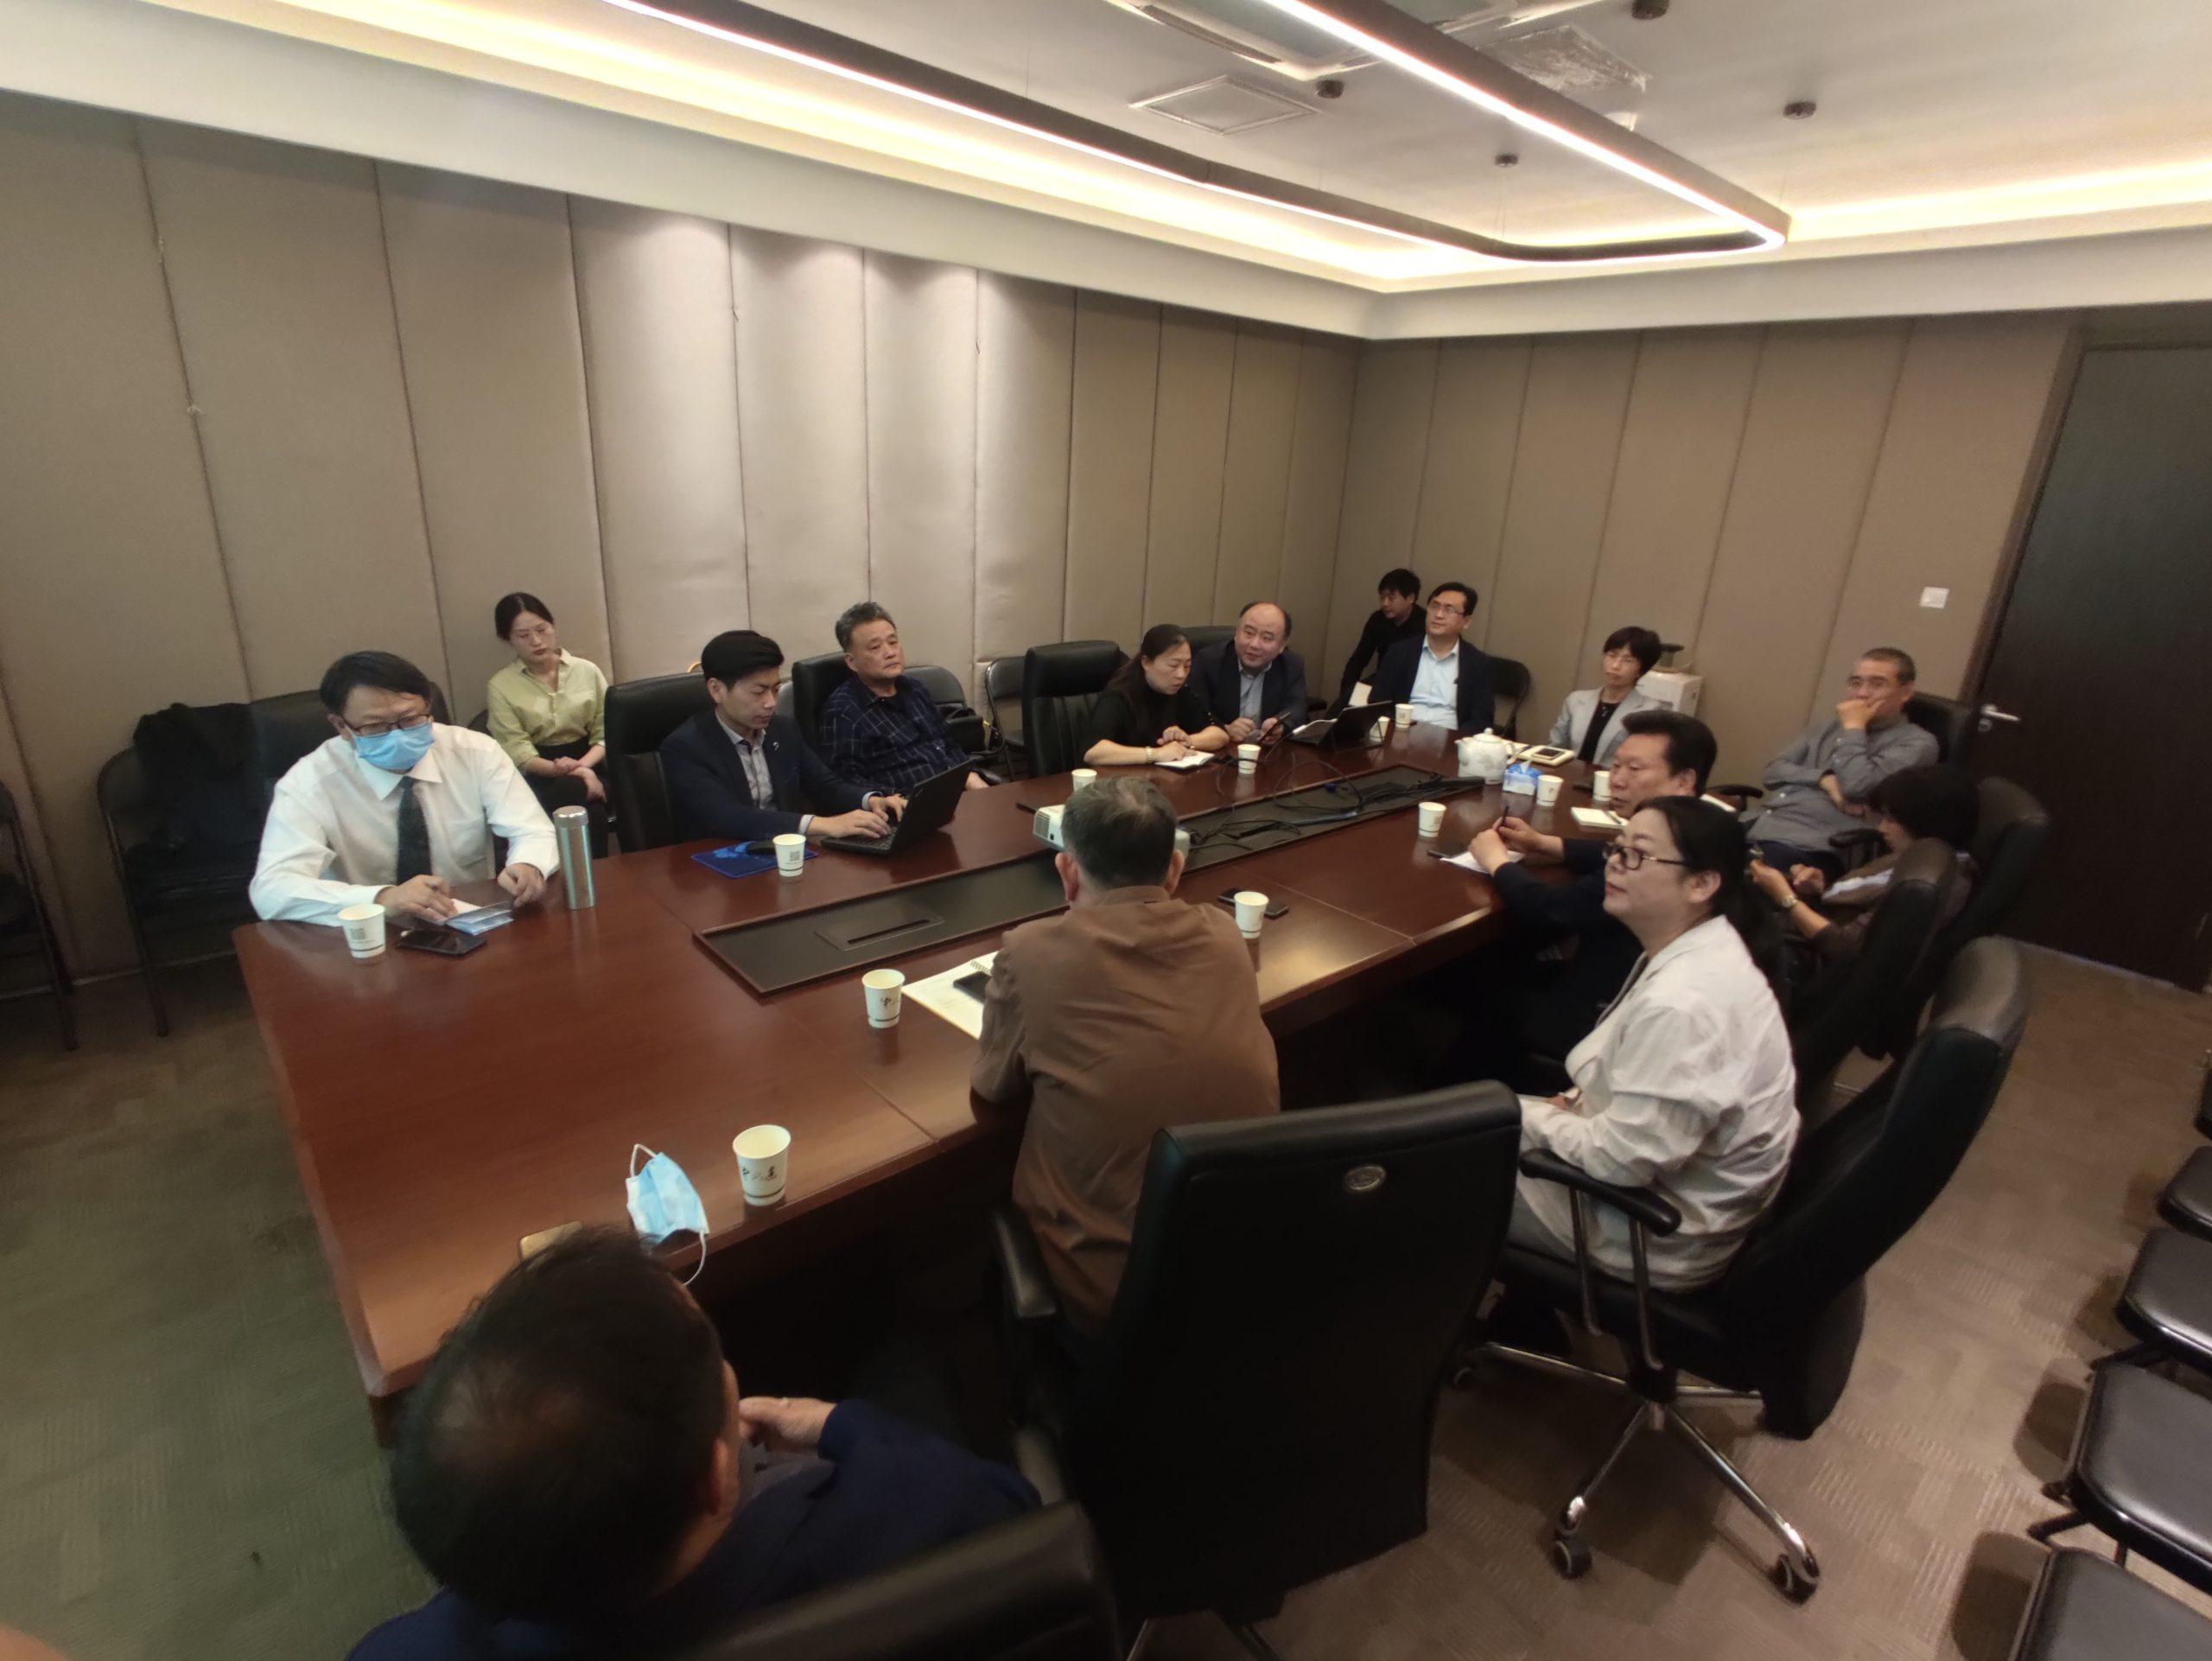 北京科技金融发展服务中心 文旅与乡村振兴科技新品专业委会 组织专家开展调研交流活动